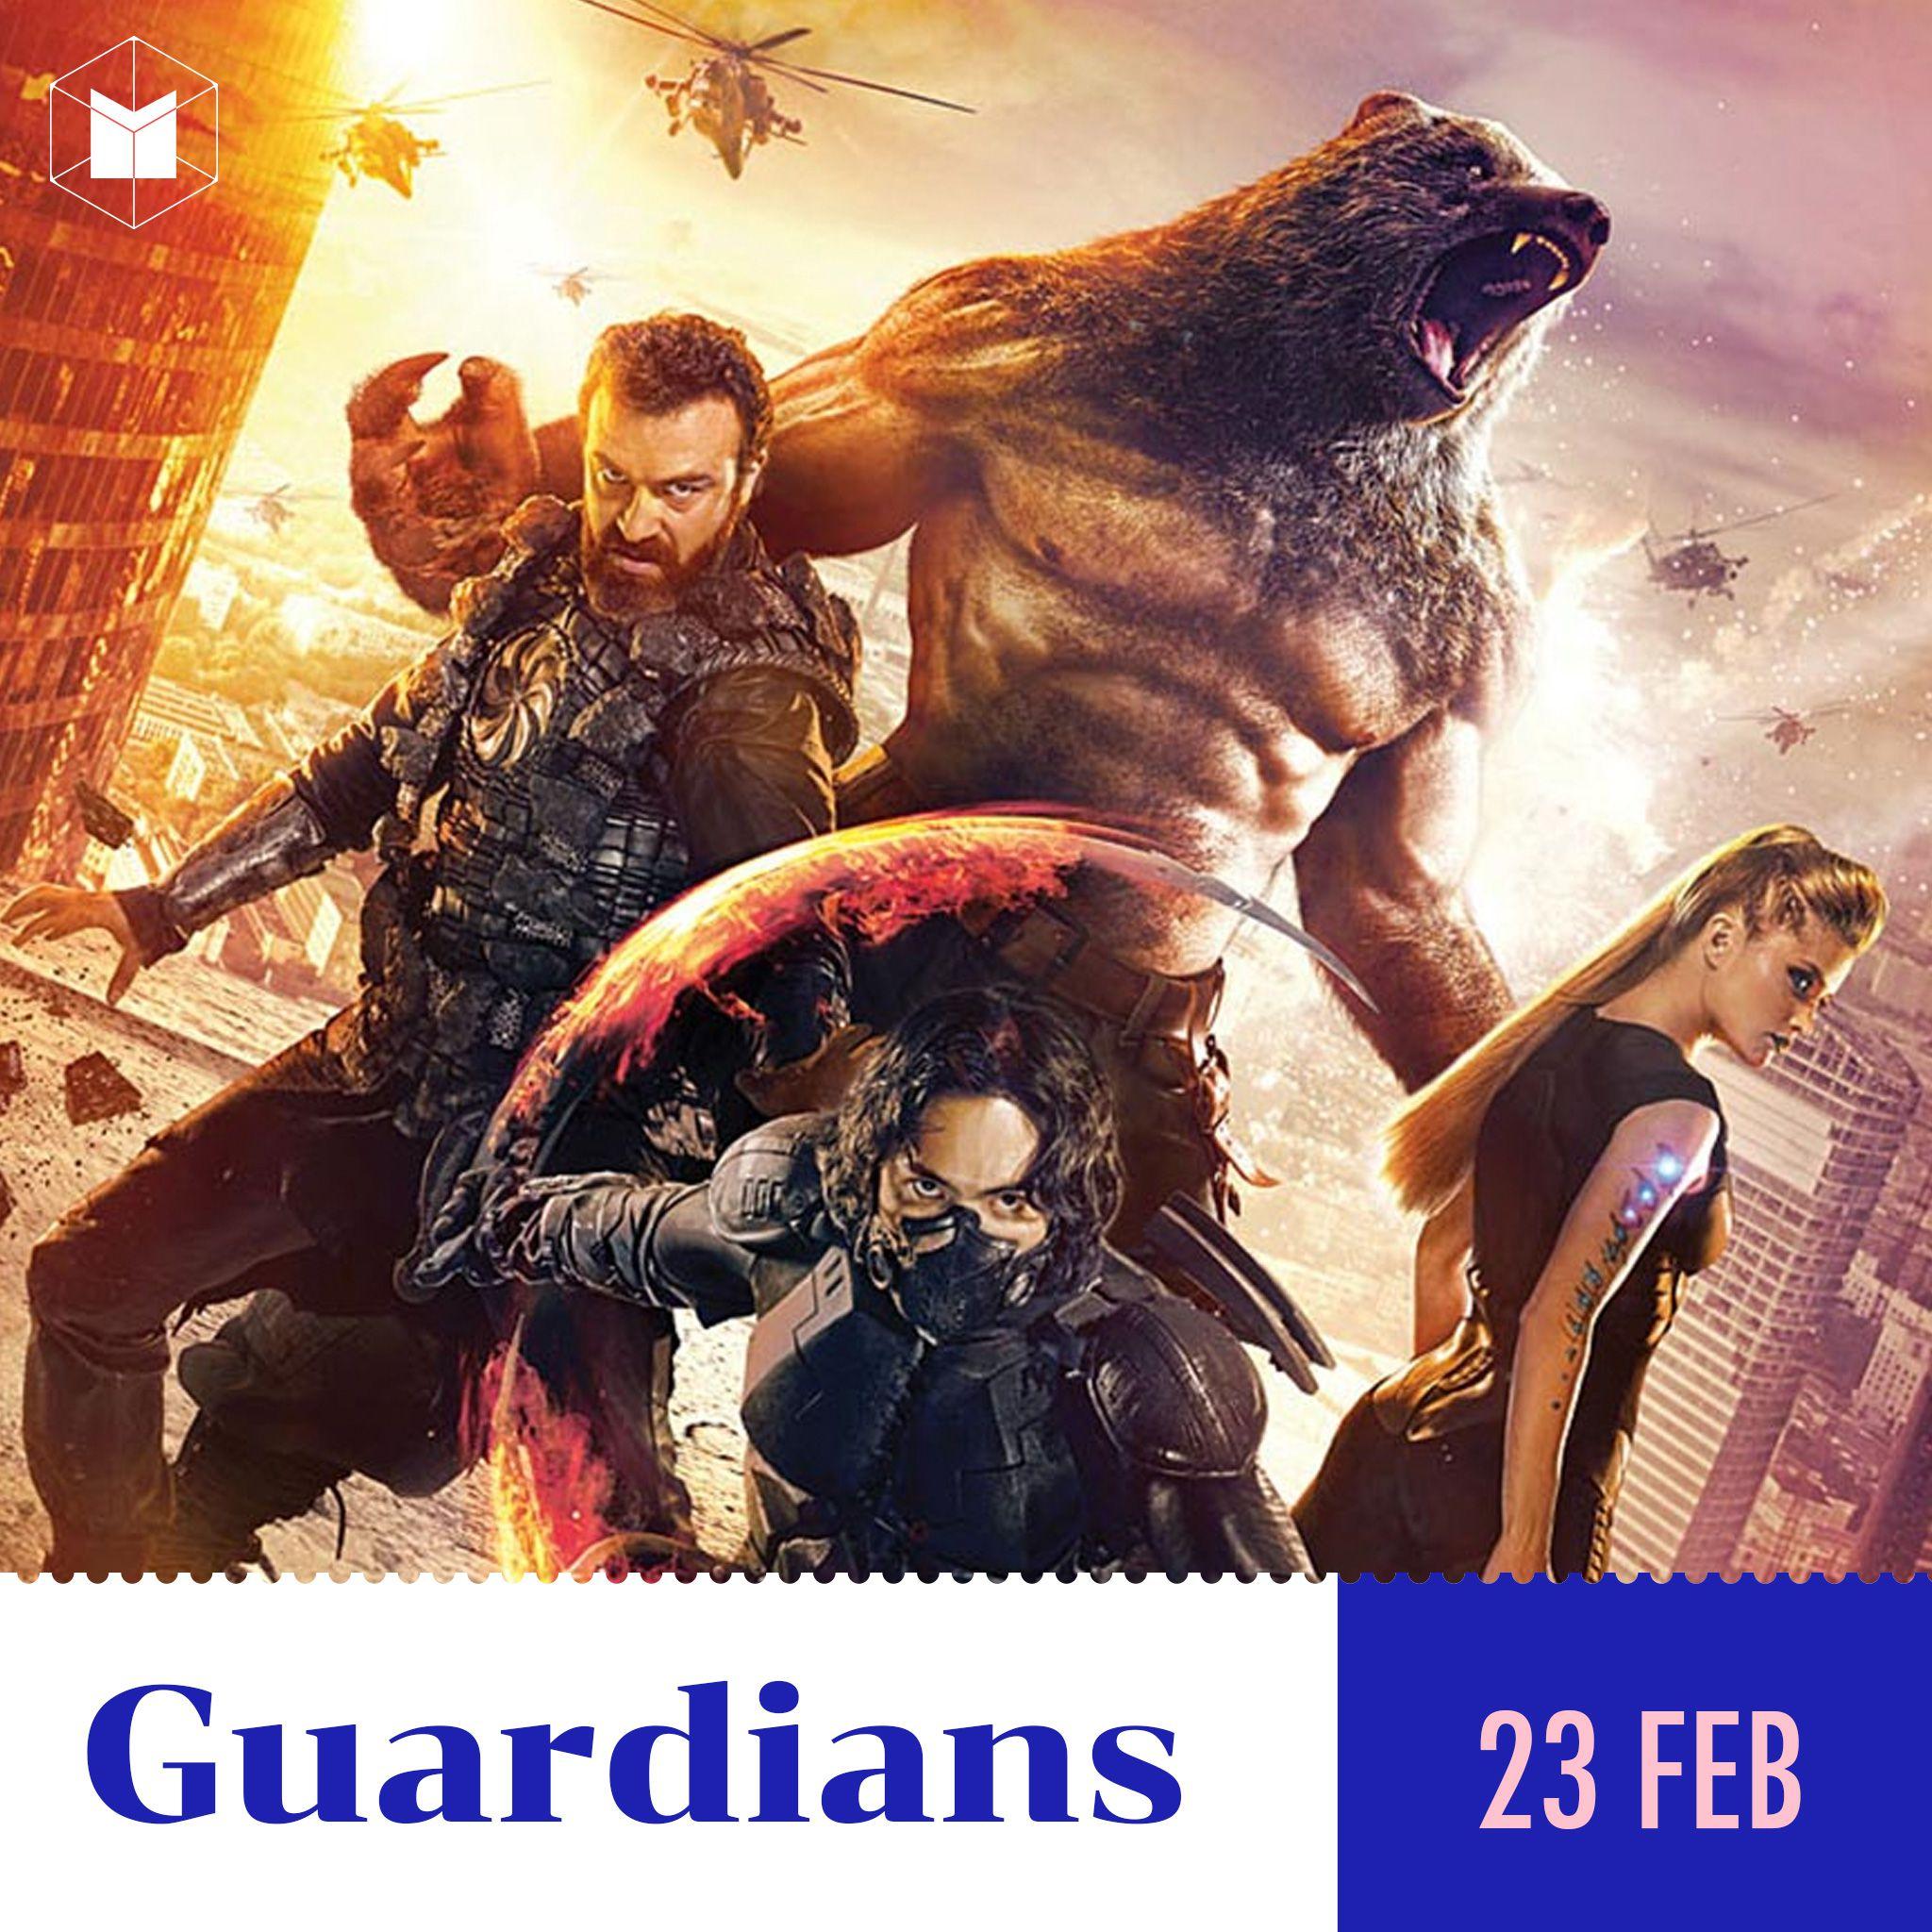 Смотреть фильмы онлайн бесплатно в хорошем качестве на